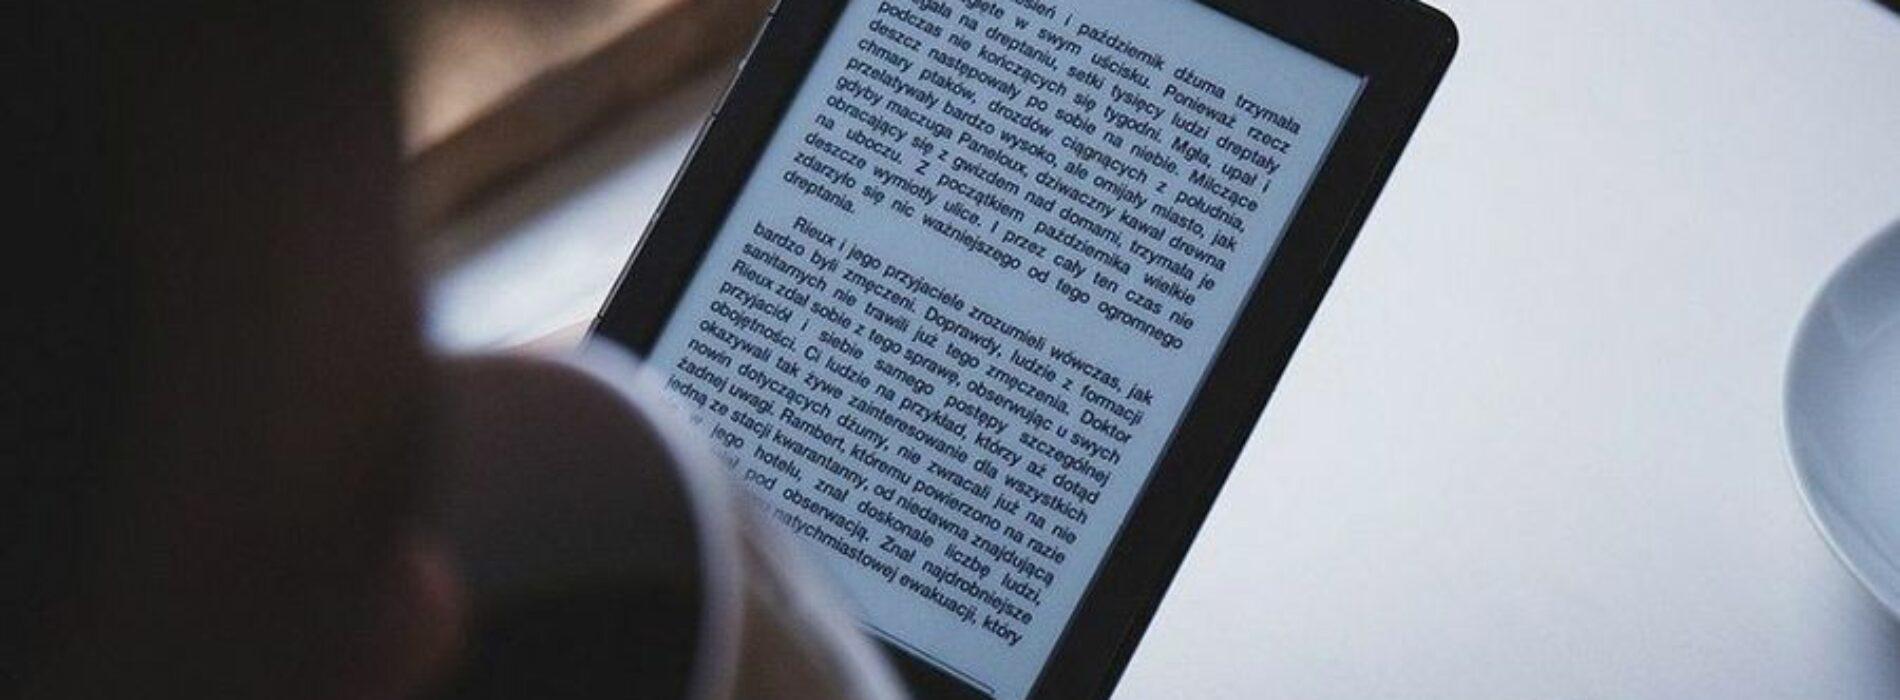 Nowa usługa dla czytelników